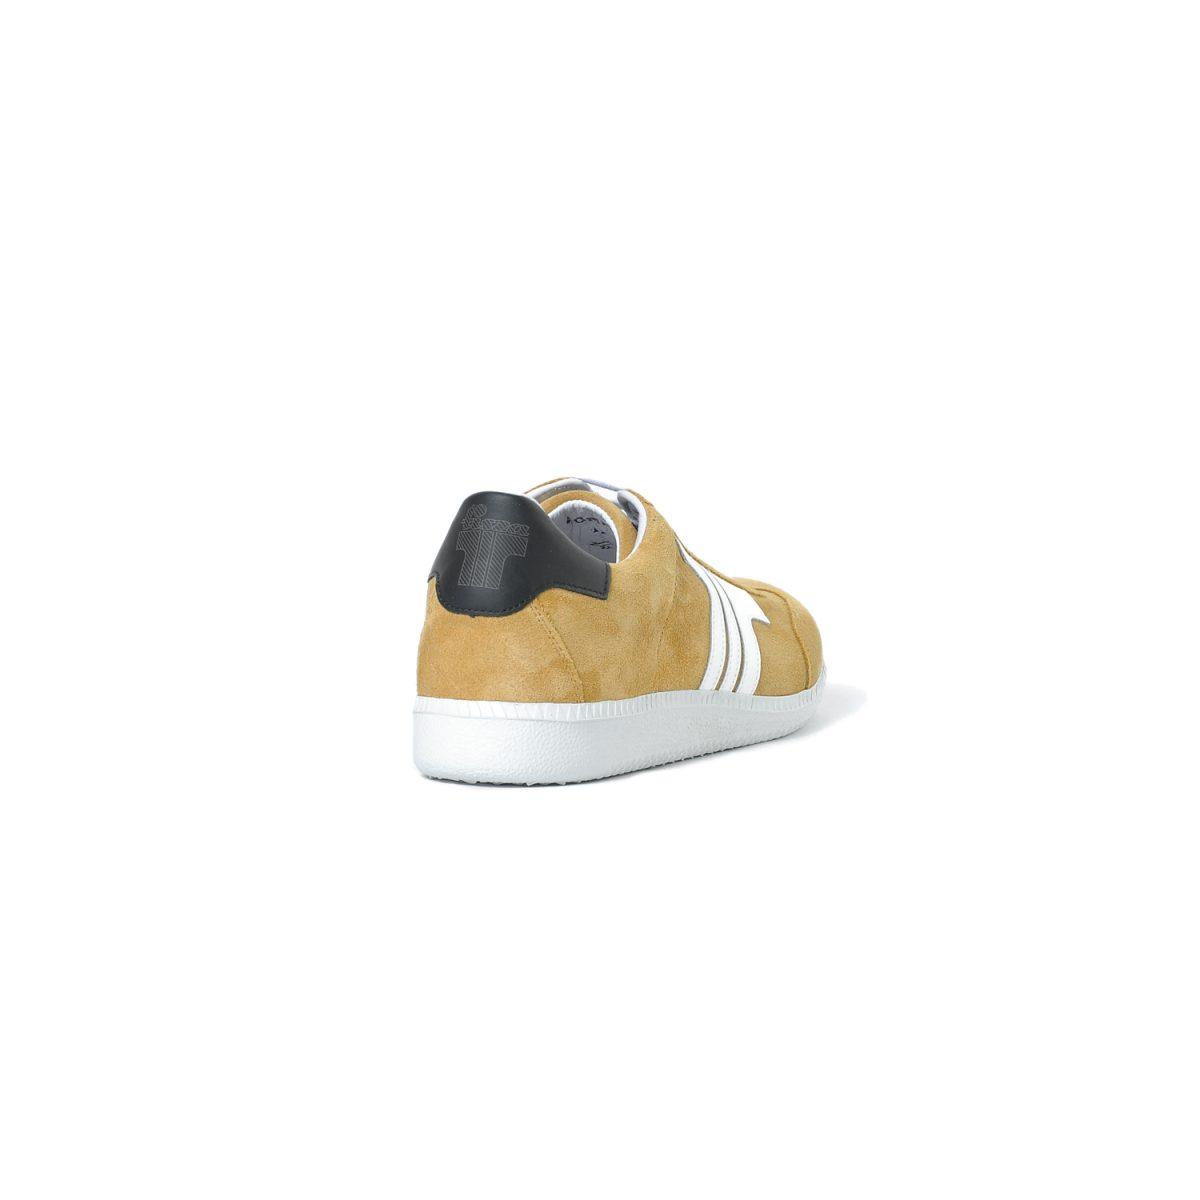 Tisza shoes - Comfort - Sand-white-black